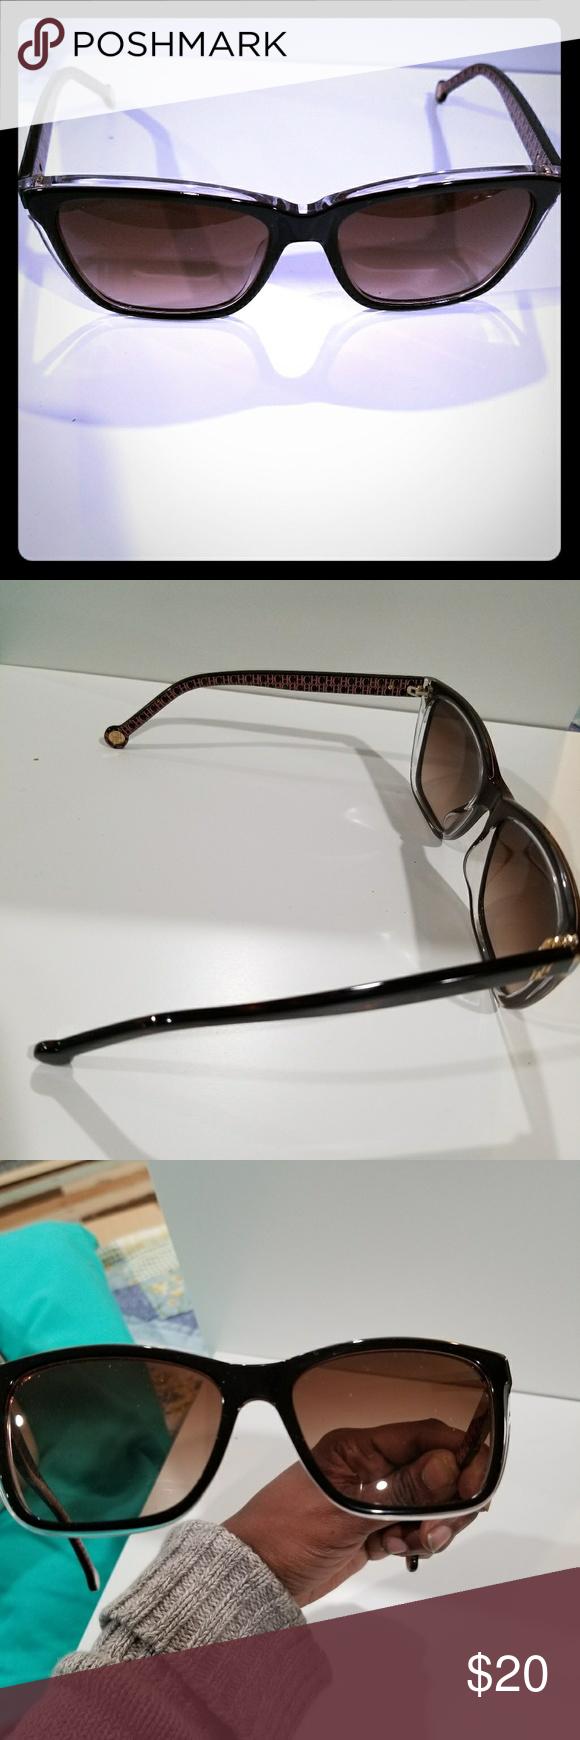 ff90832a4688 Sunglasses Carolina Herrera sunglasses Carolina Herrera Accessories  Sunglasses